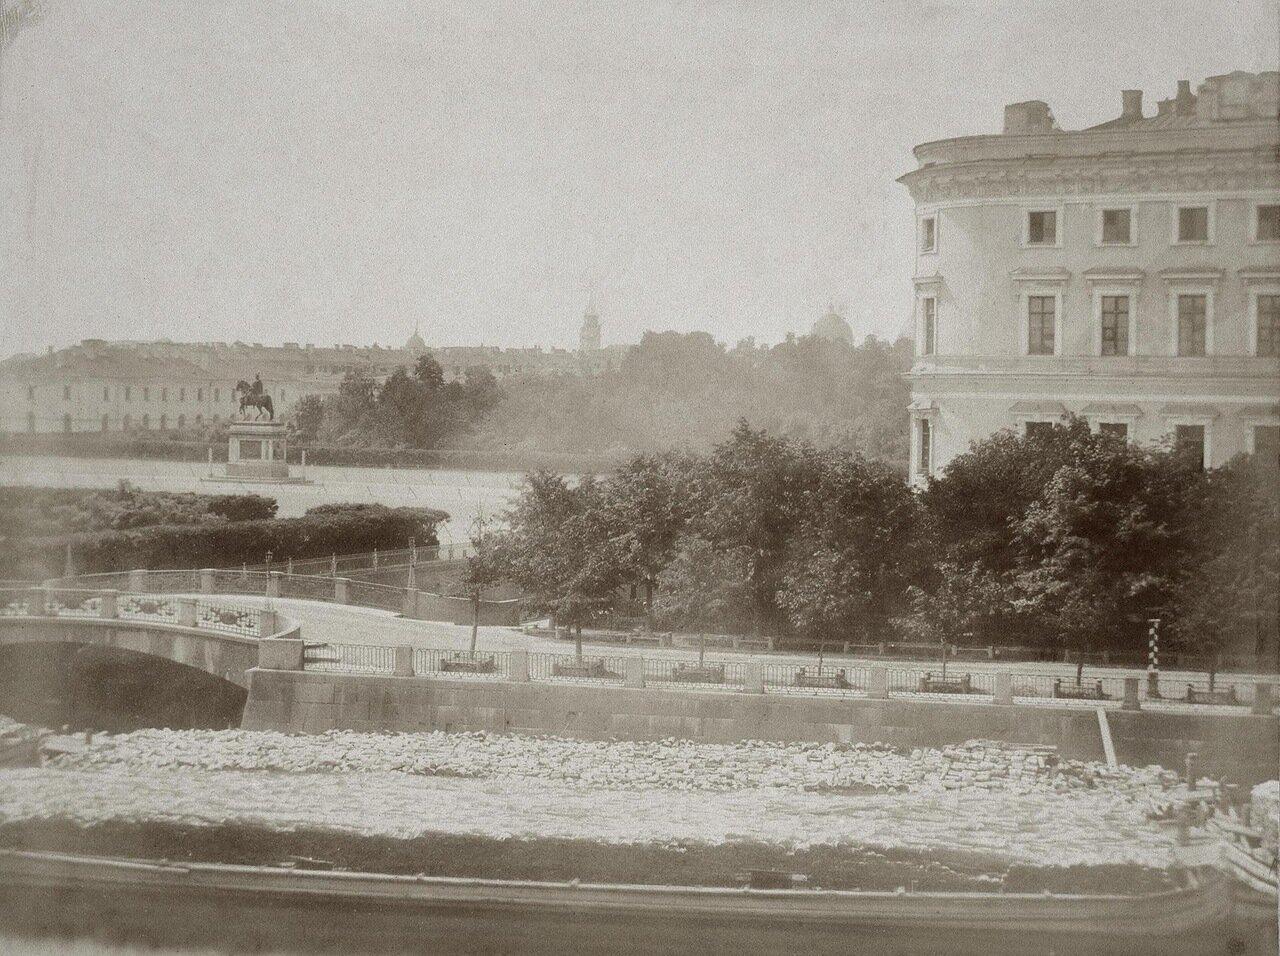 Вид площади у Инженерного (Михайловского) замка. 1860-е